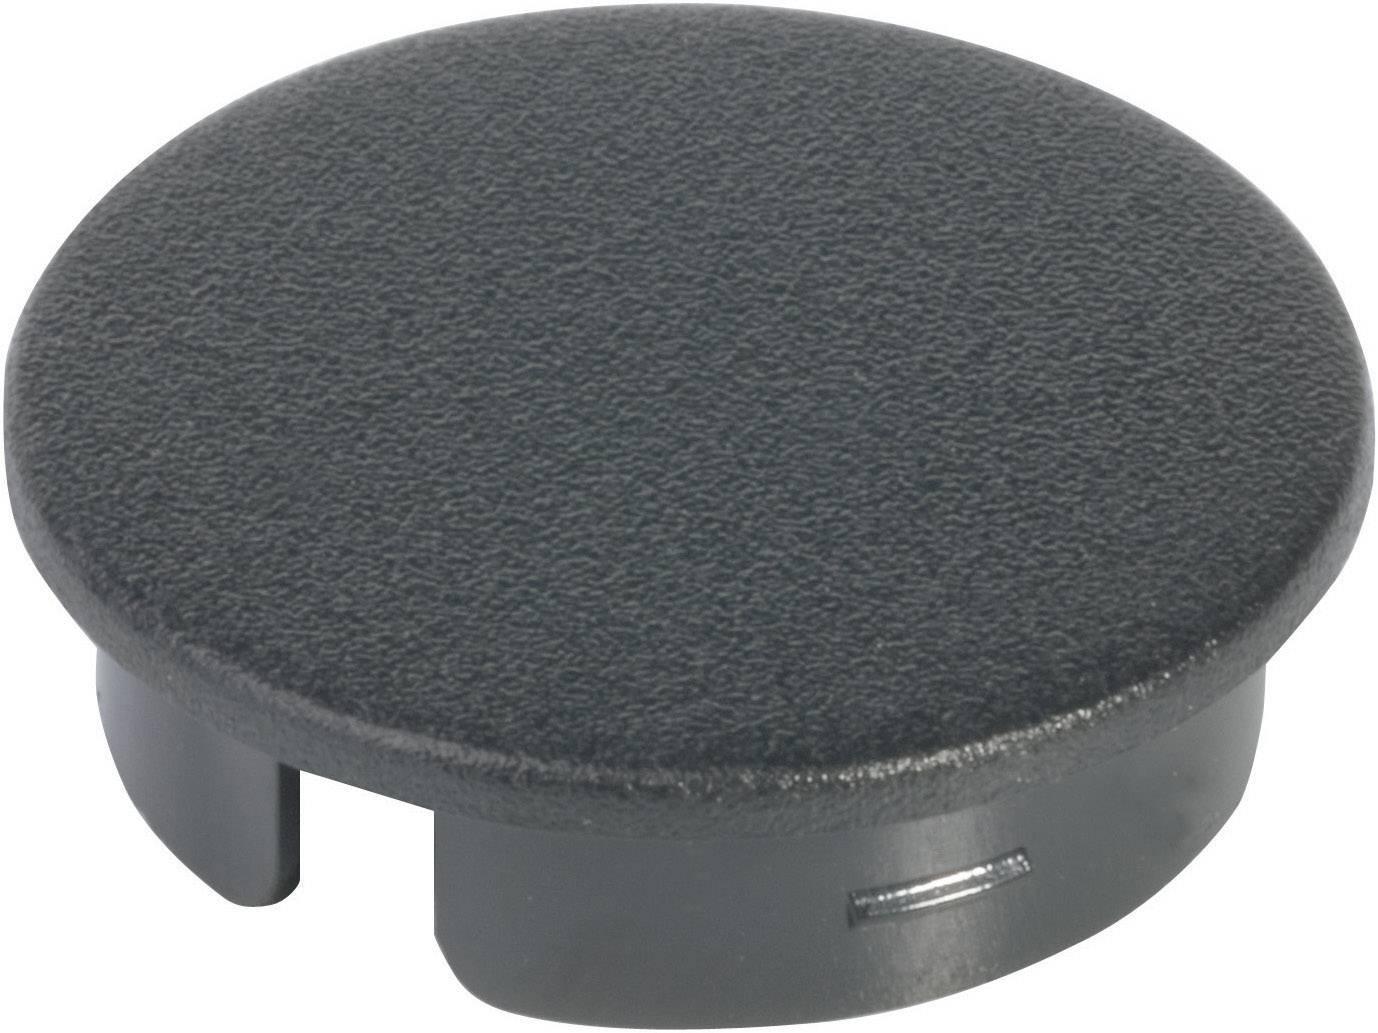 Krytka na otočný knoflík s ukazatelem OKW, pro knoflíky/O 31 mm, černá